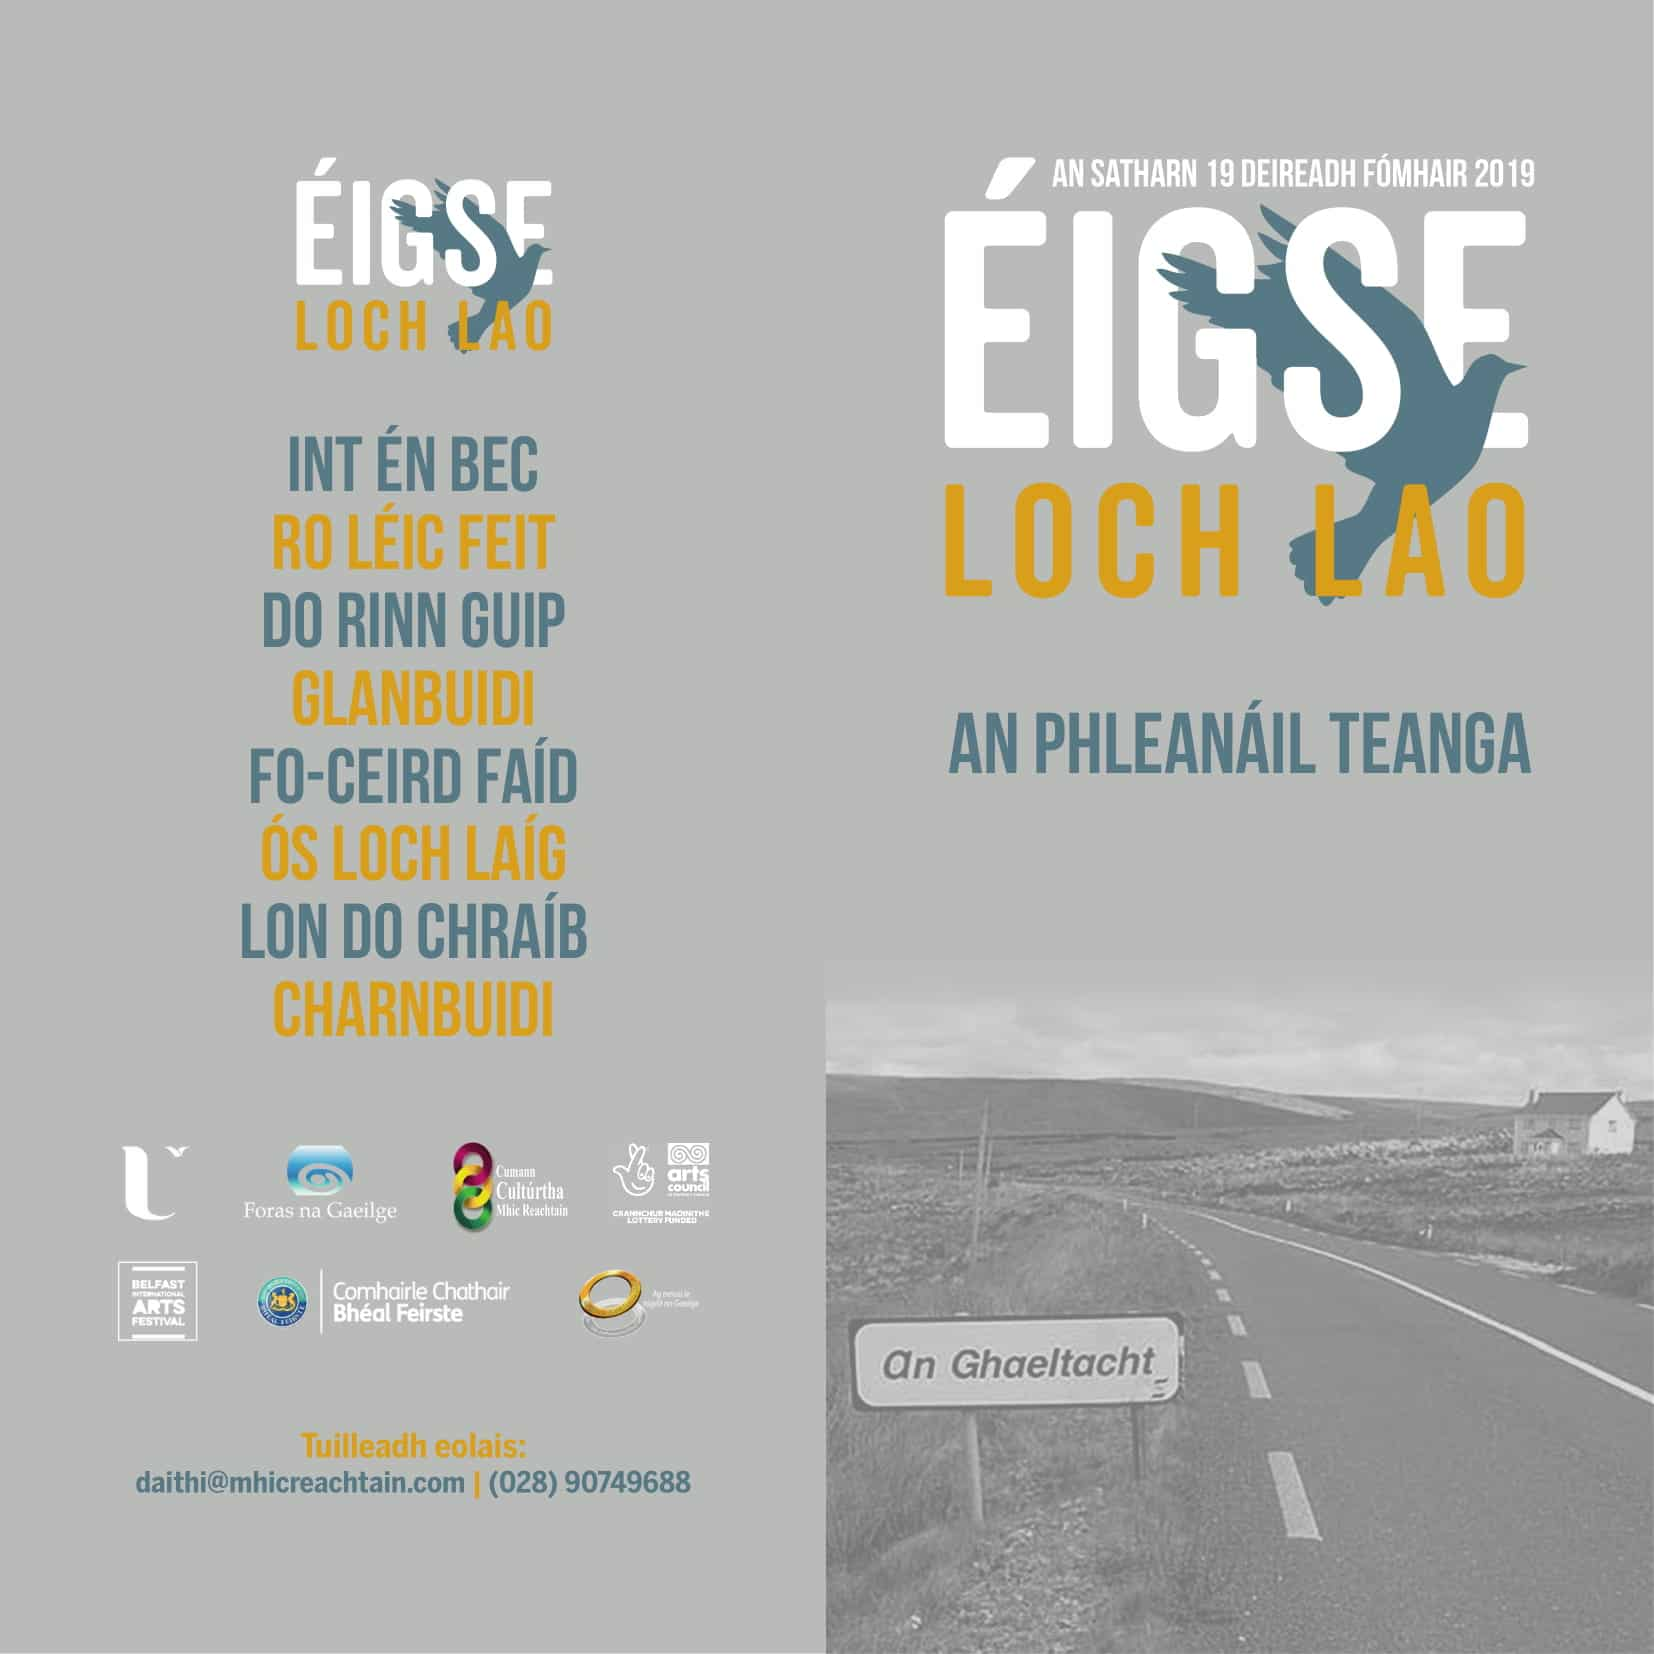 Mccracken E¦üigse Loch Lao Programme 2019 1